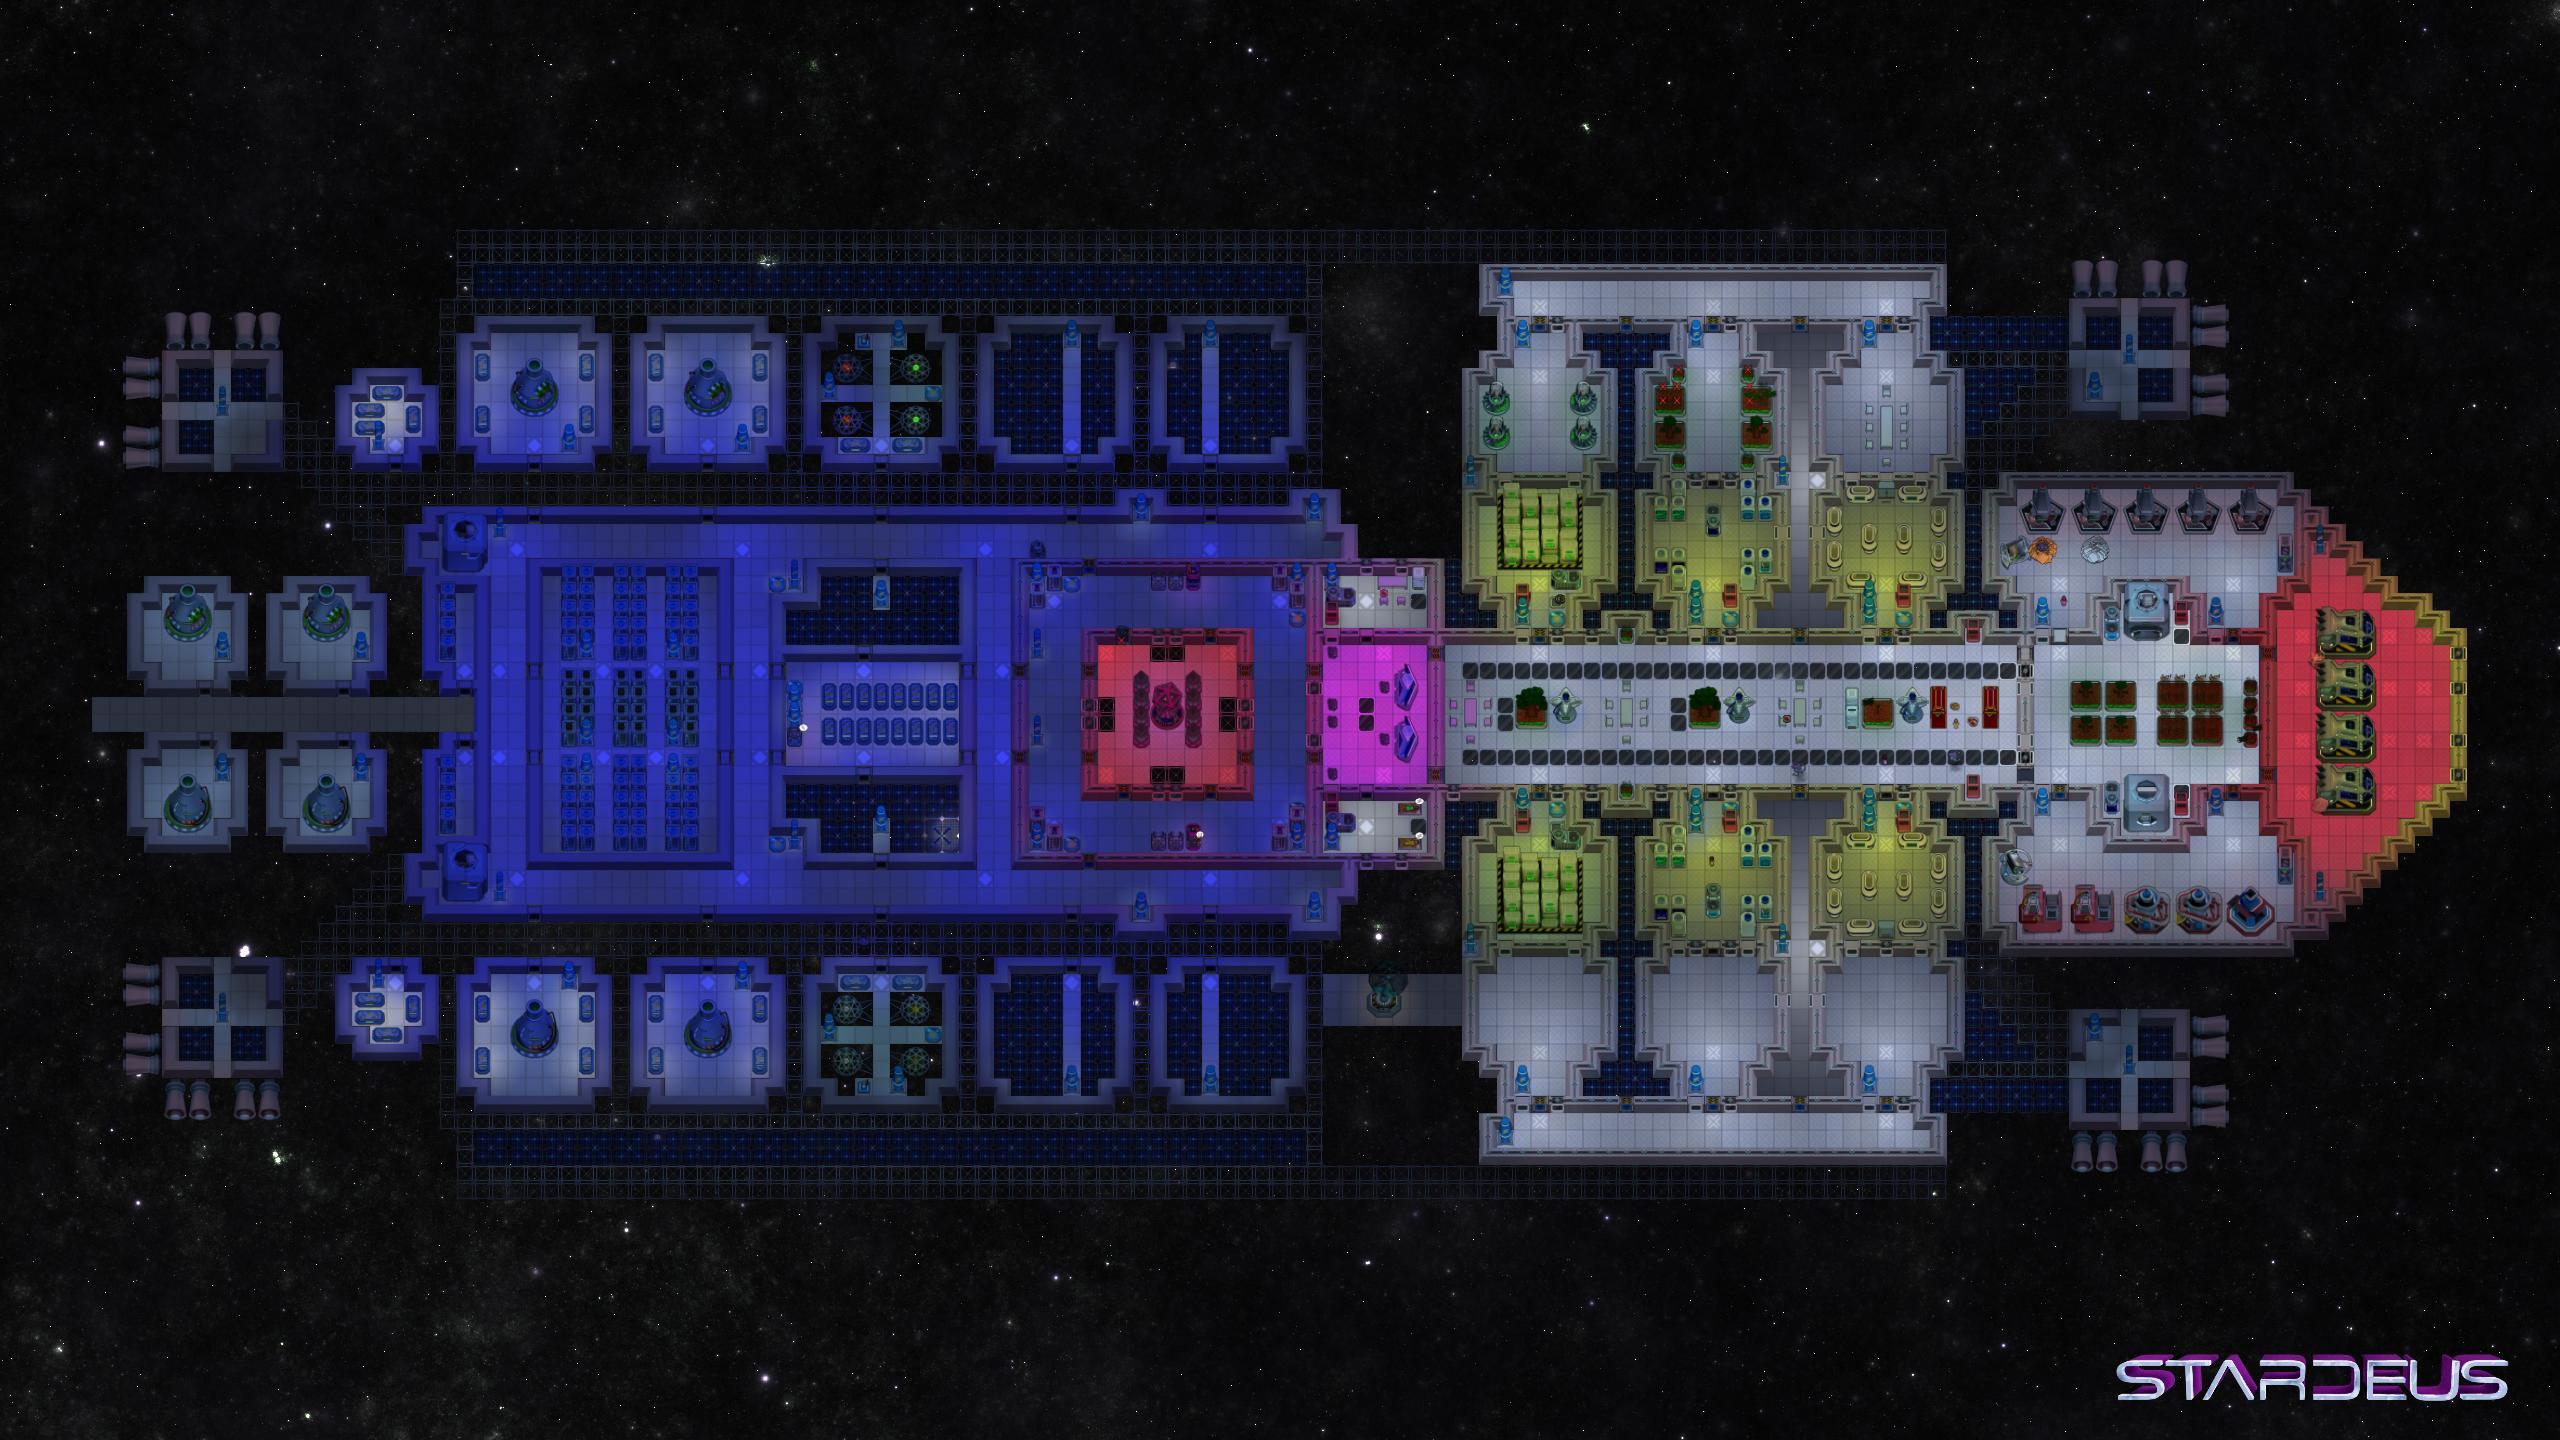 Stardeus0028.jpg